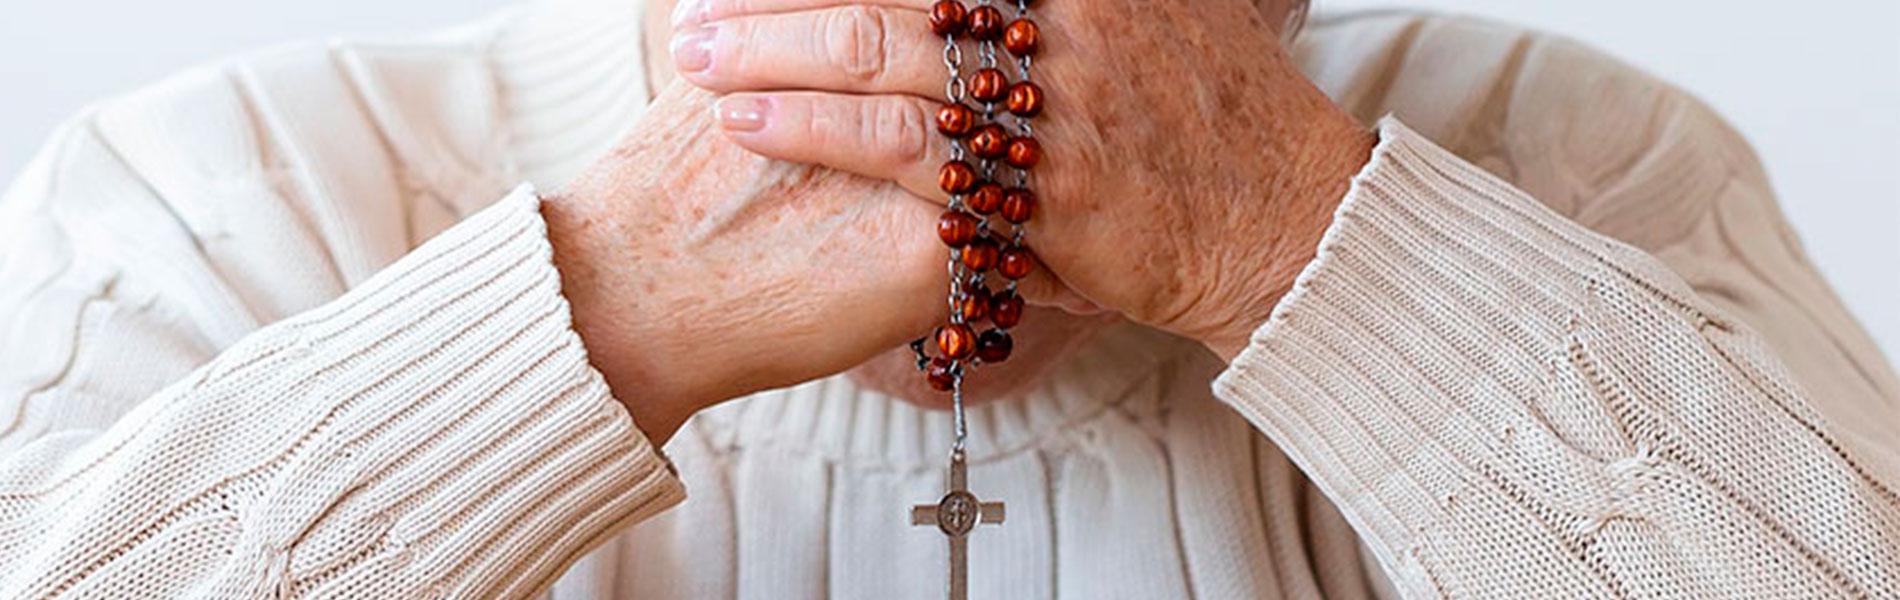 servicio-religioso